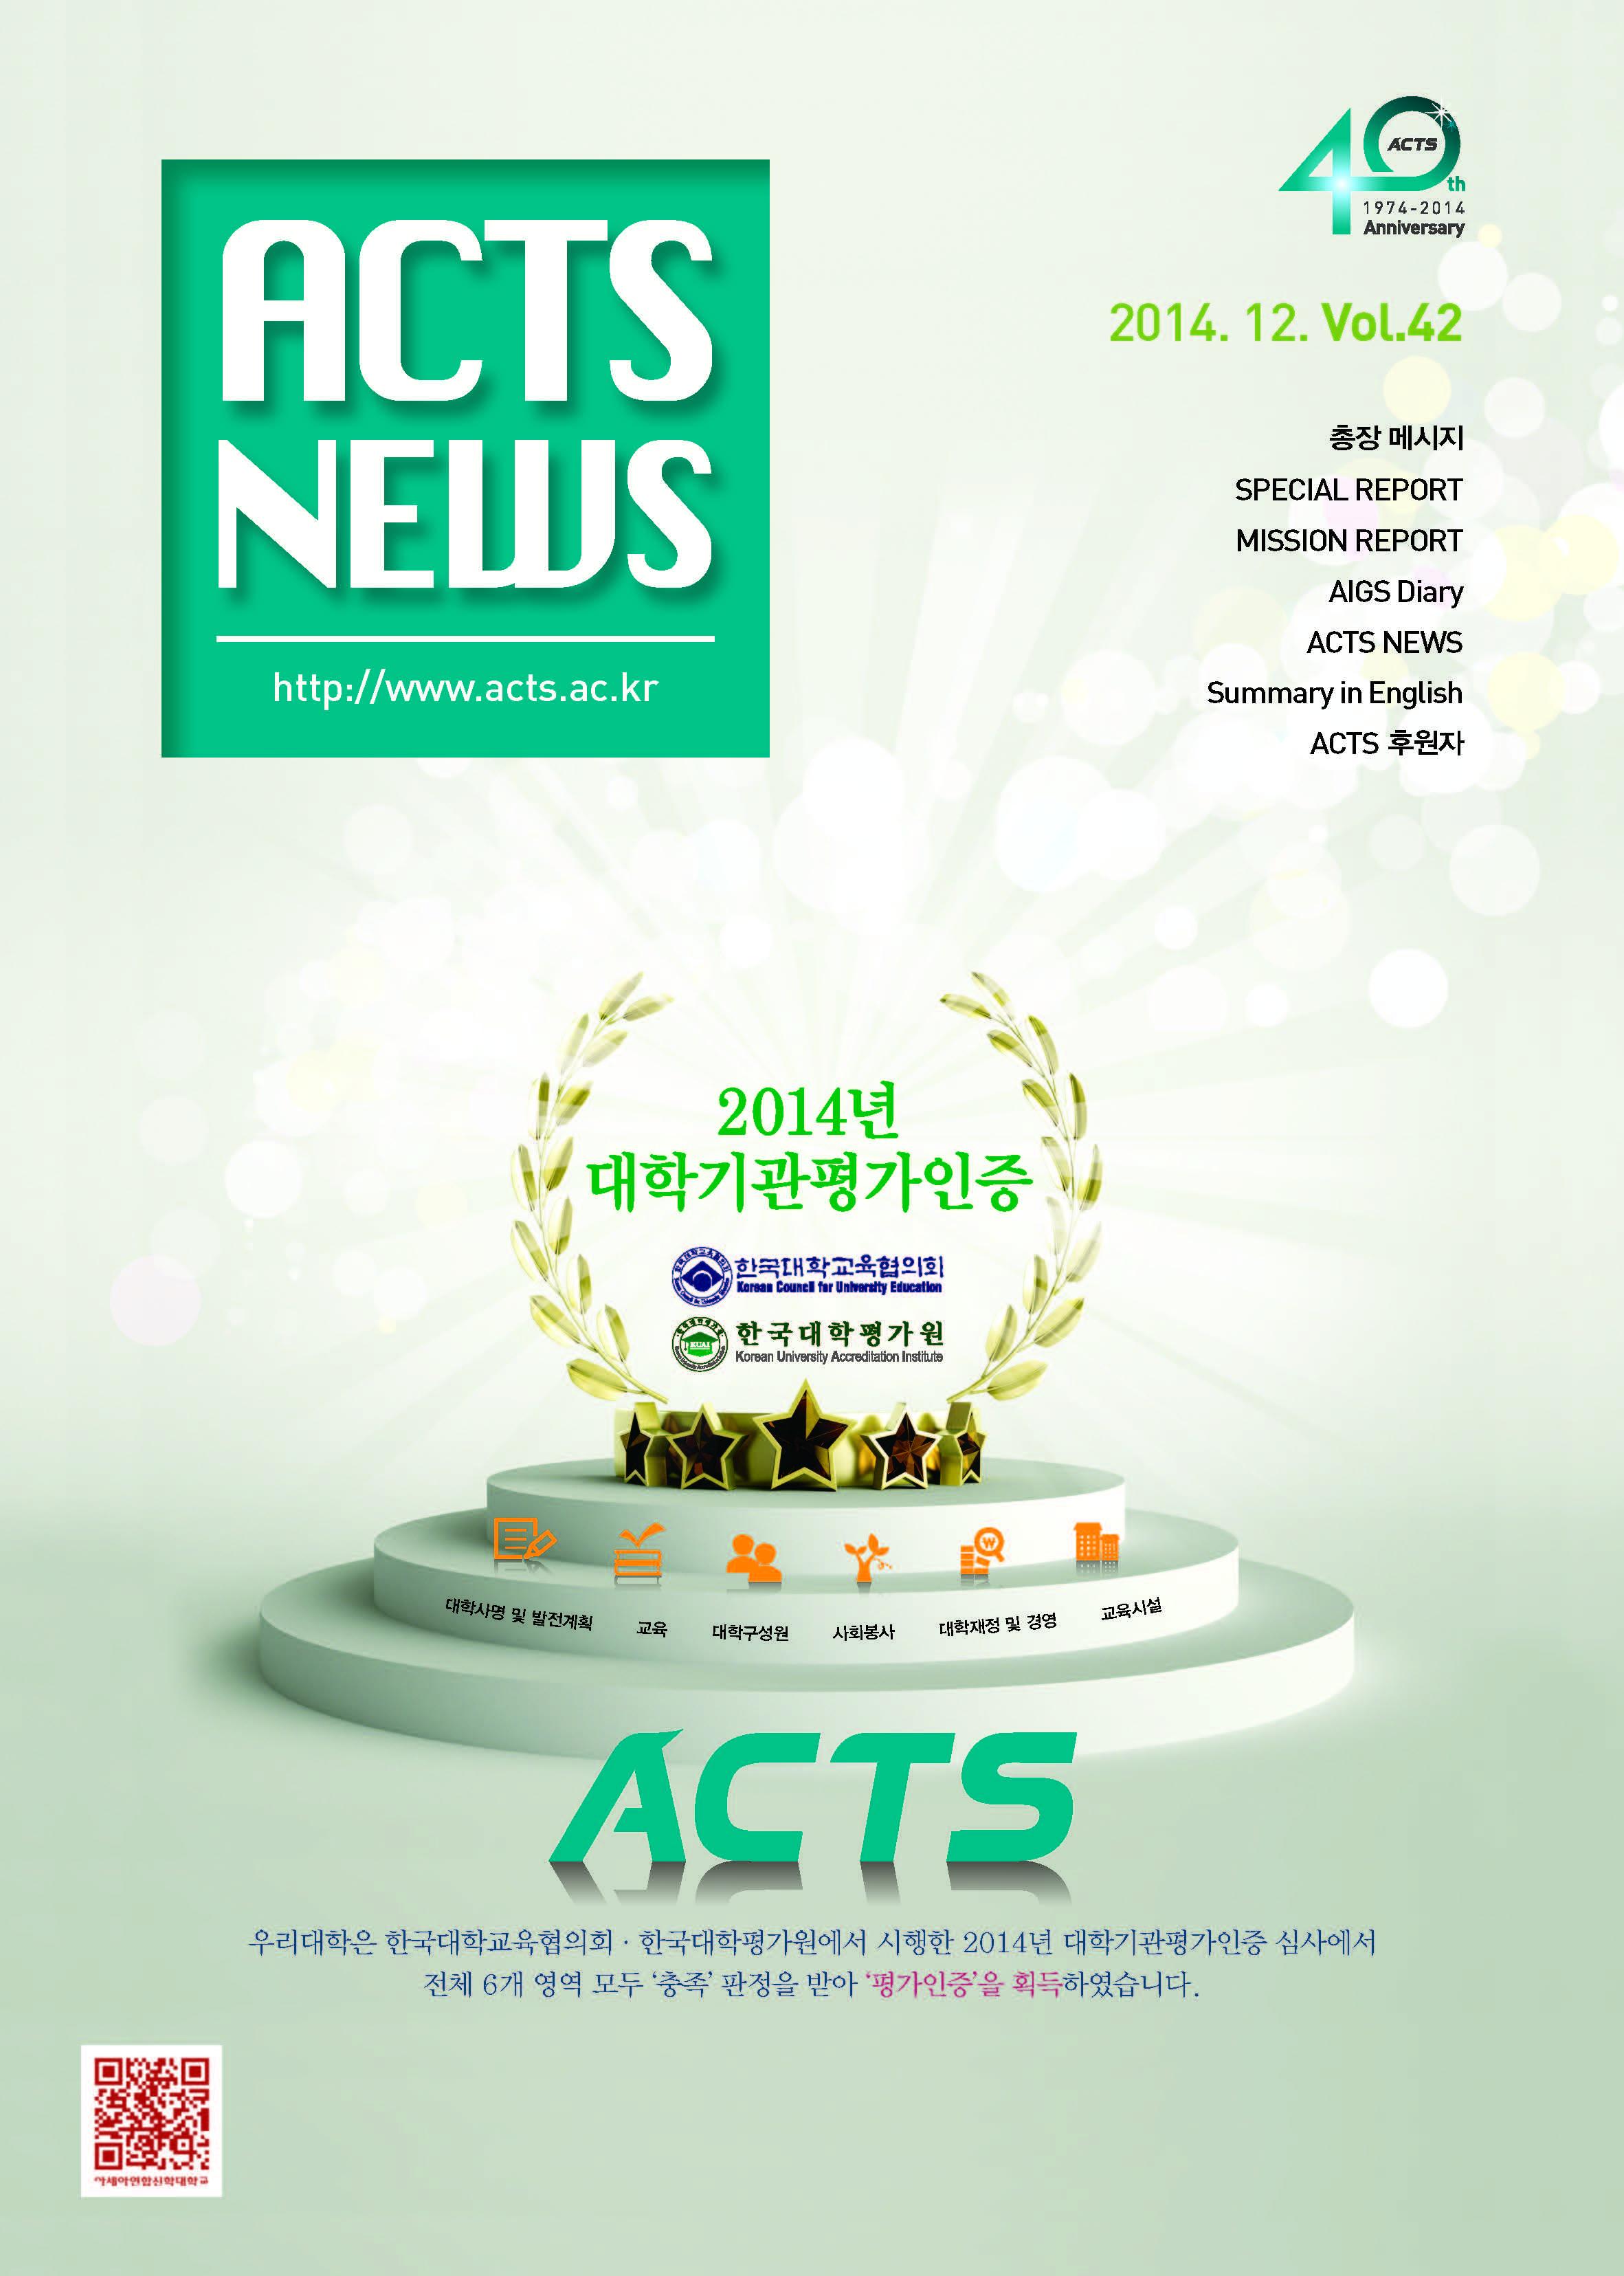 제42호 ACTS NEWS